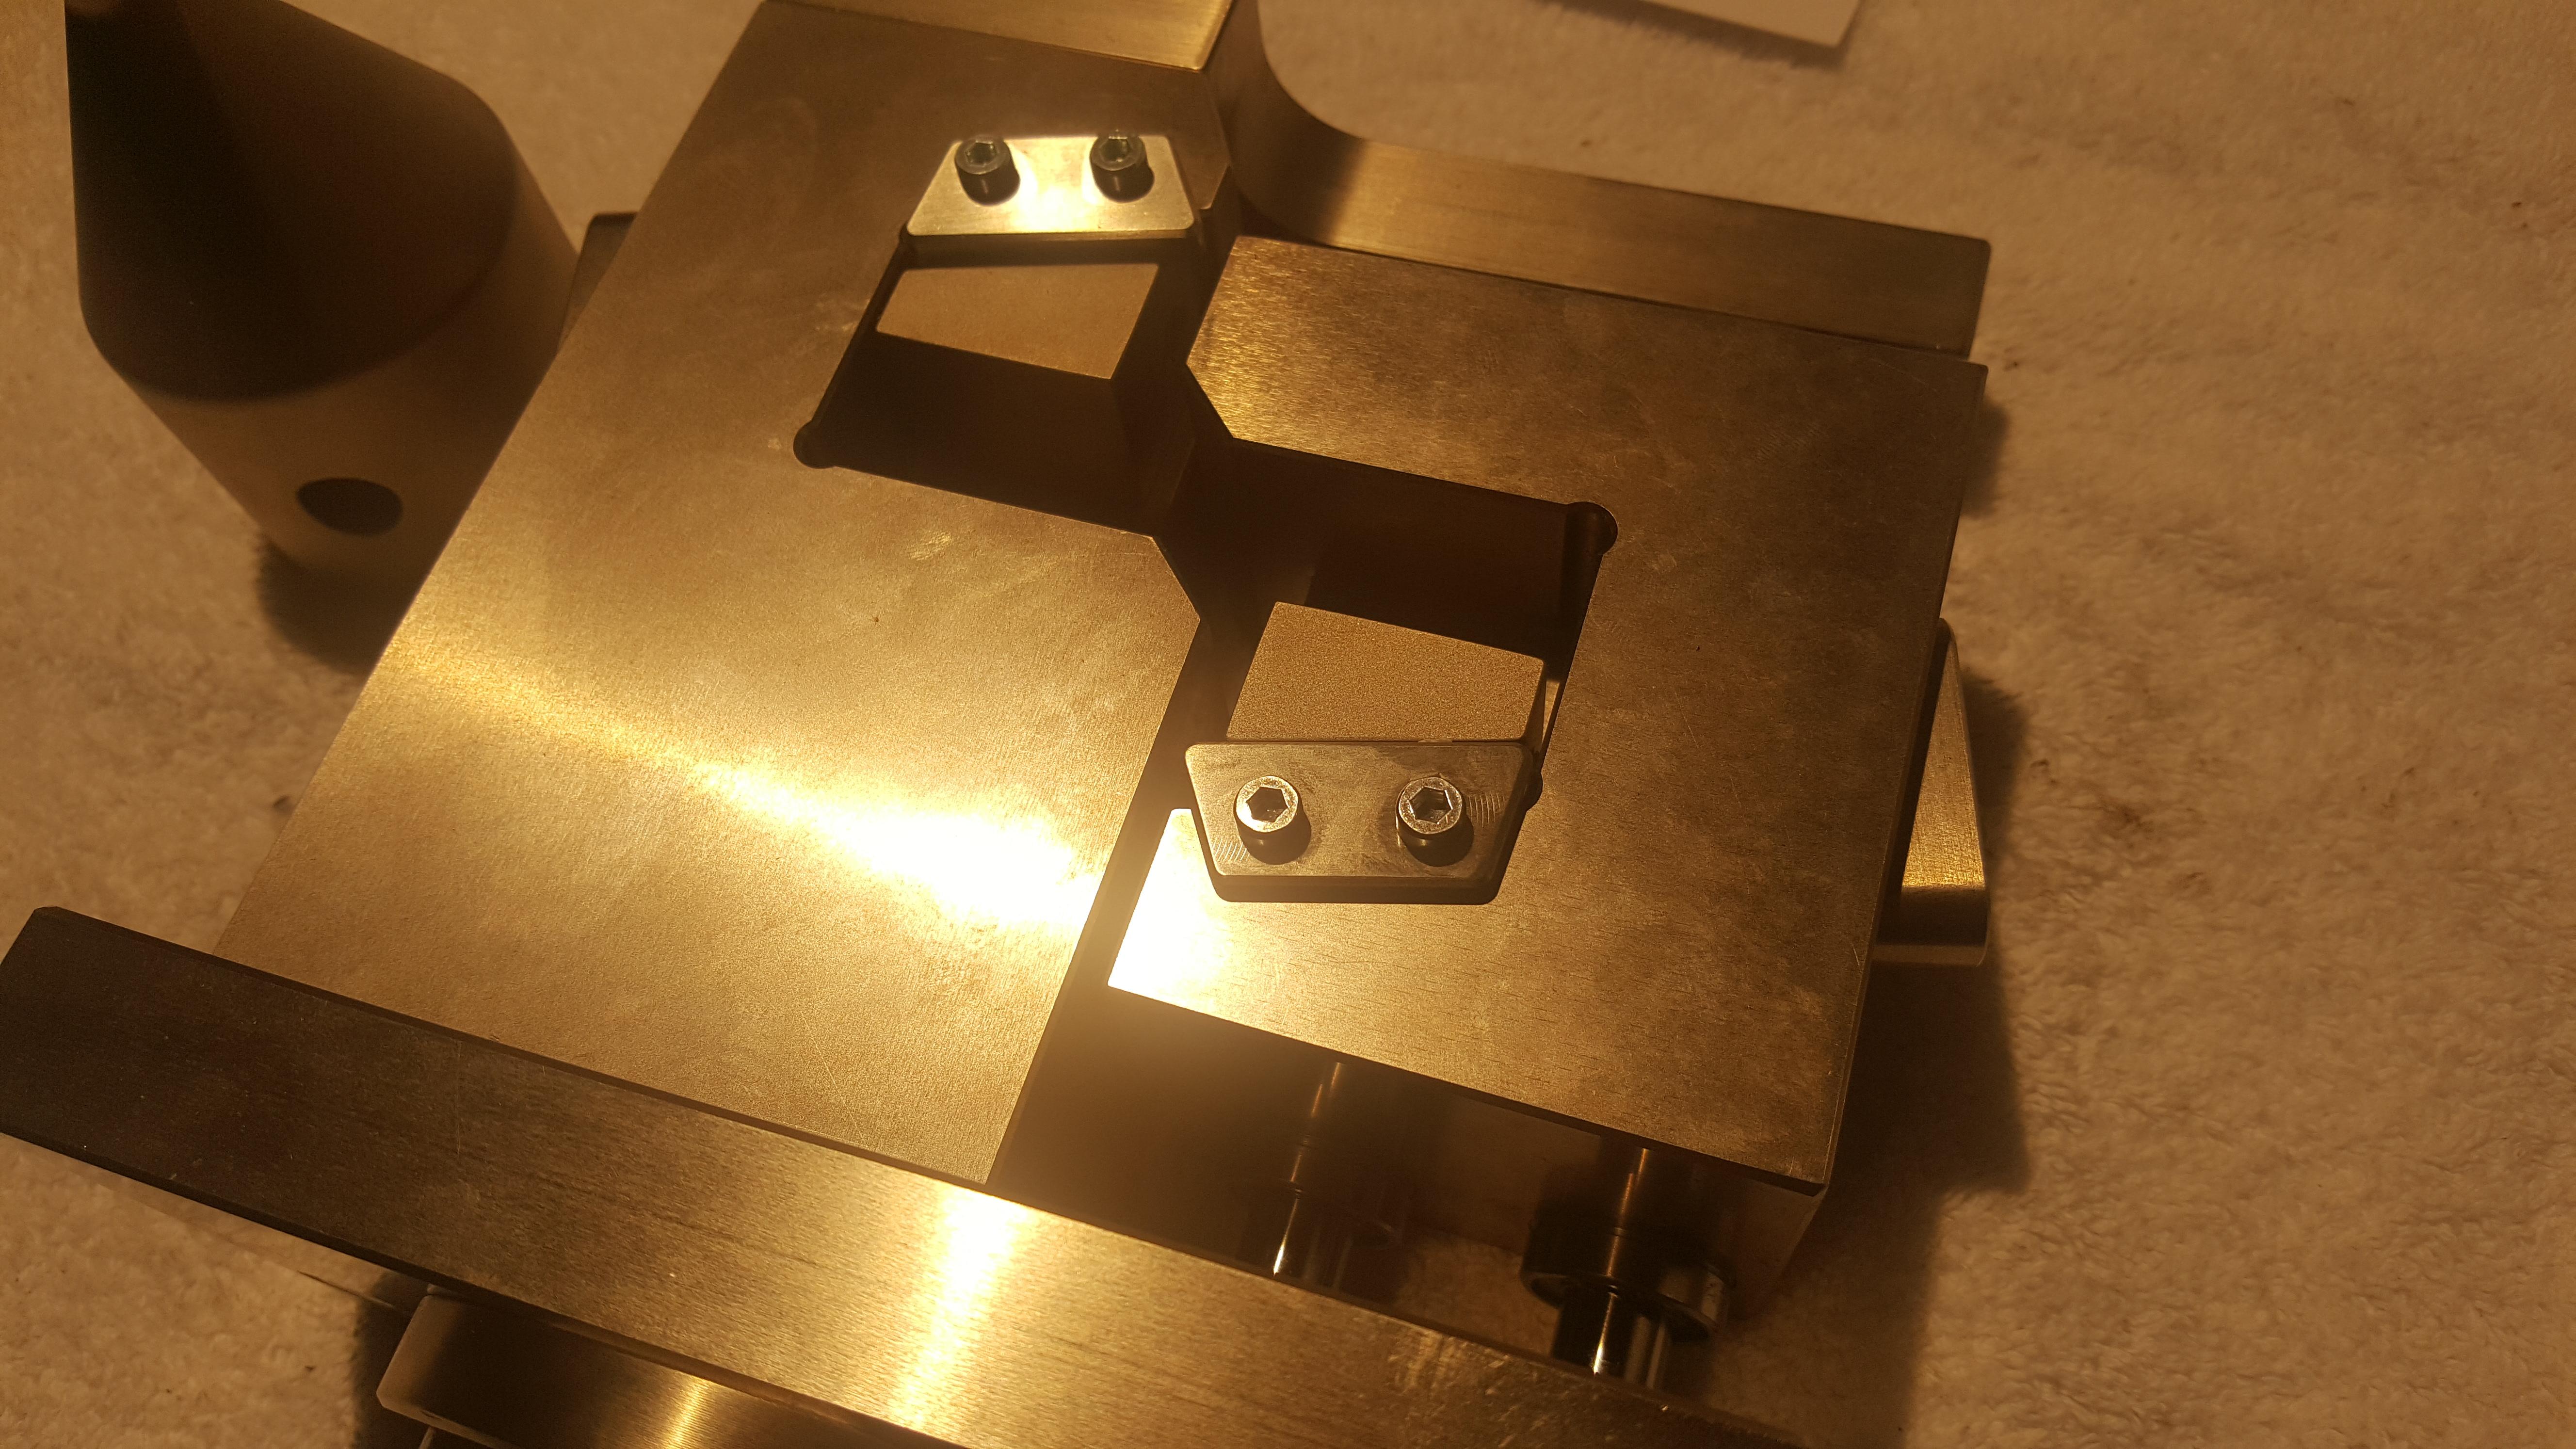 ASTM D5379 Iosipescu Fixture Close Up